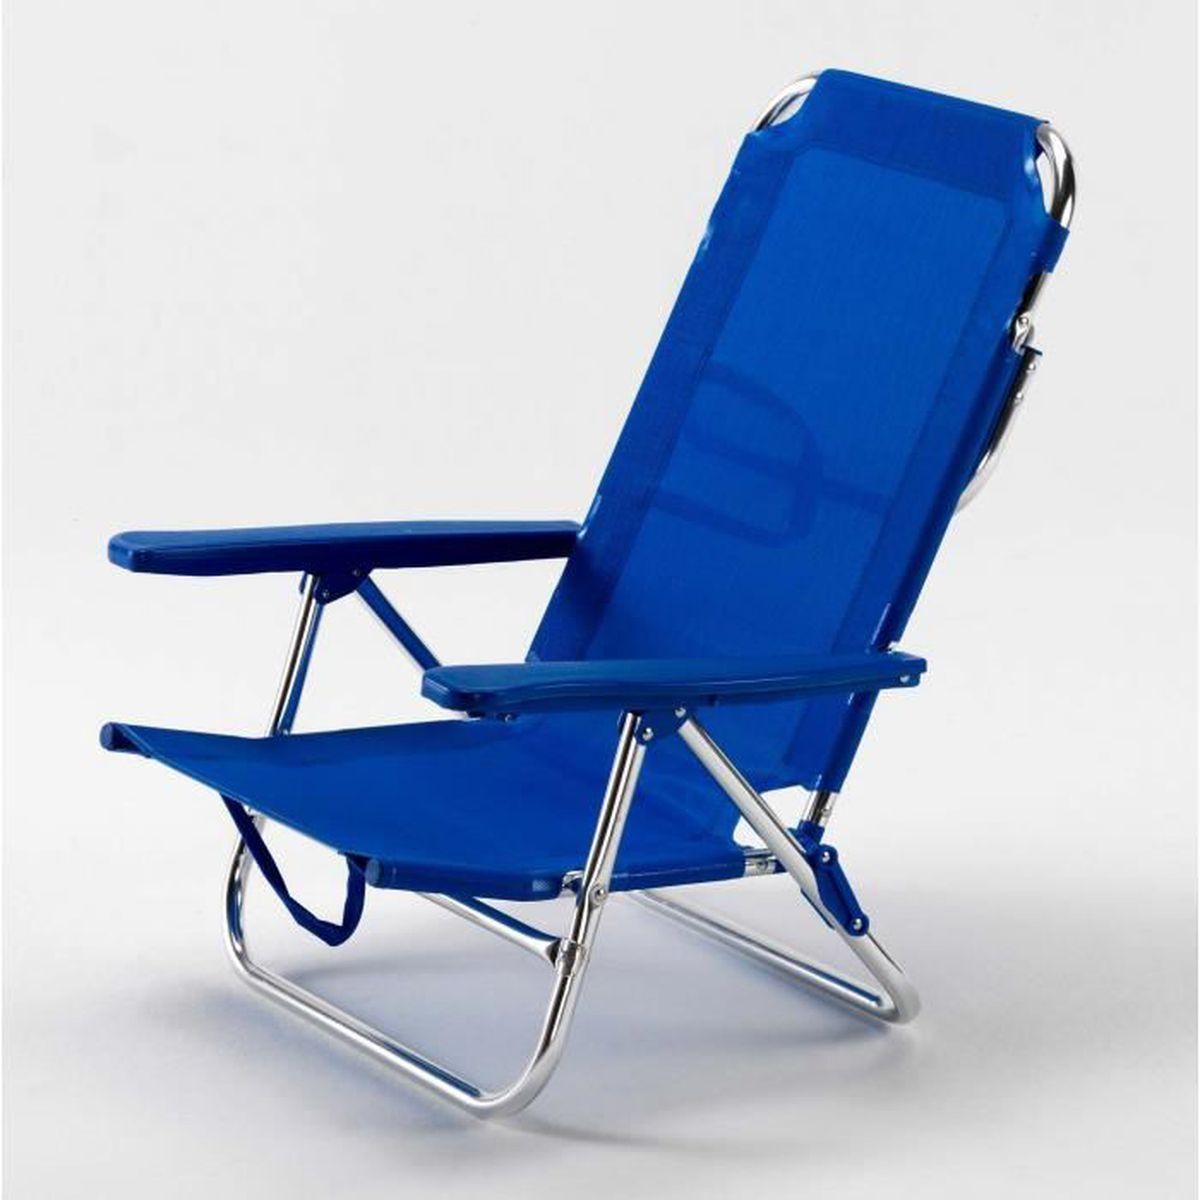 chaise de plage transat pliante fauteuil piscine aluminium gargano achat vente chaise longue. Black Bedroom Furniture Sets. Home Design Ideas